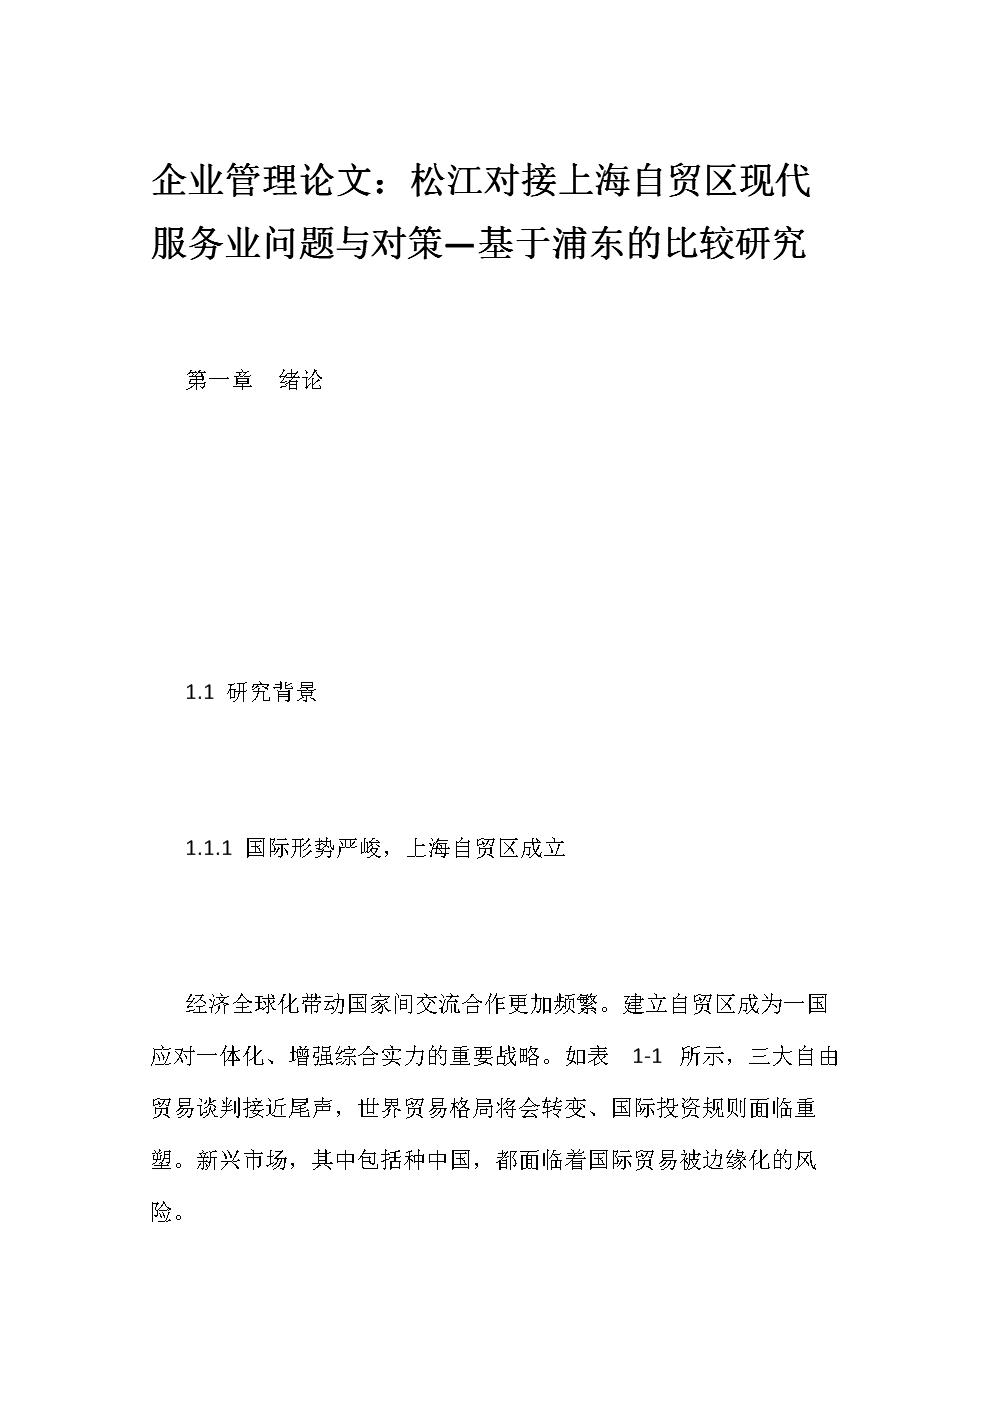 企业管理论文:松江对接上海自贸区现代服务业问题与对策—基于浦东的比较研究.docx